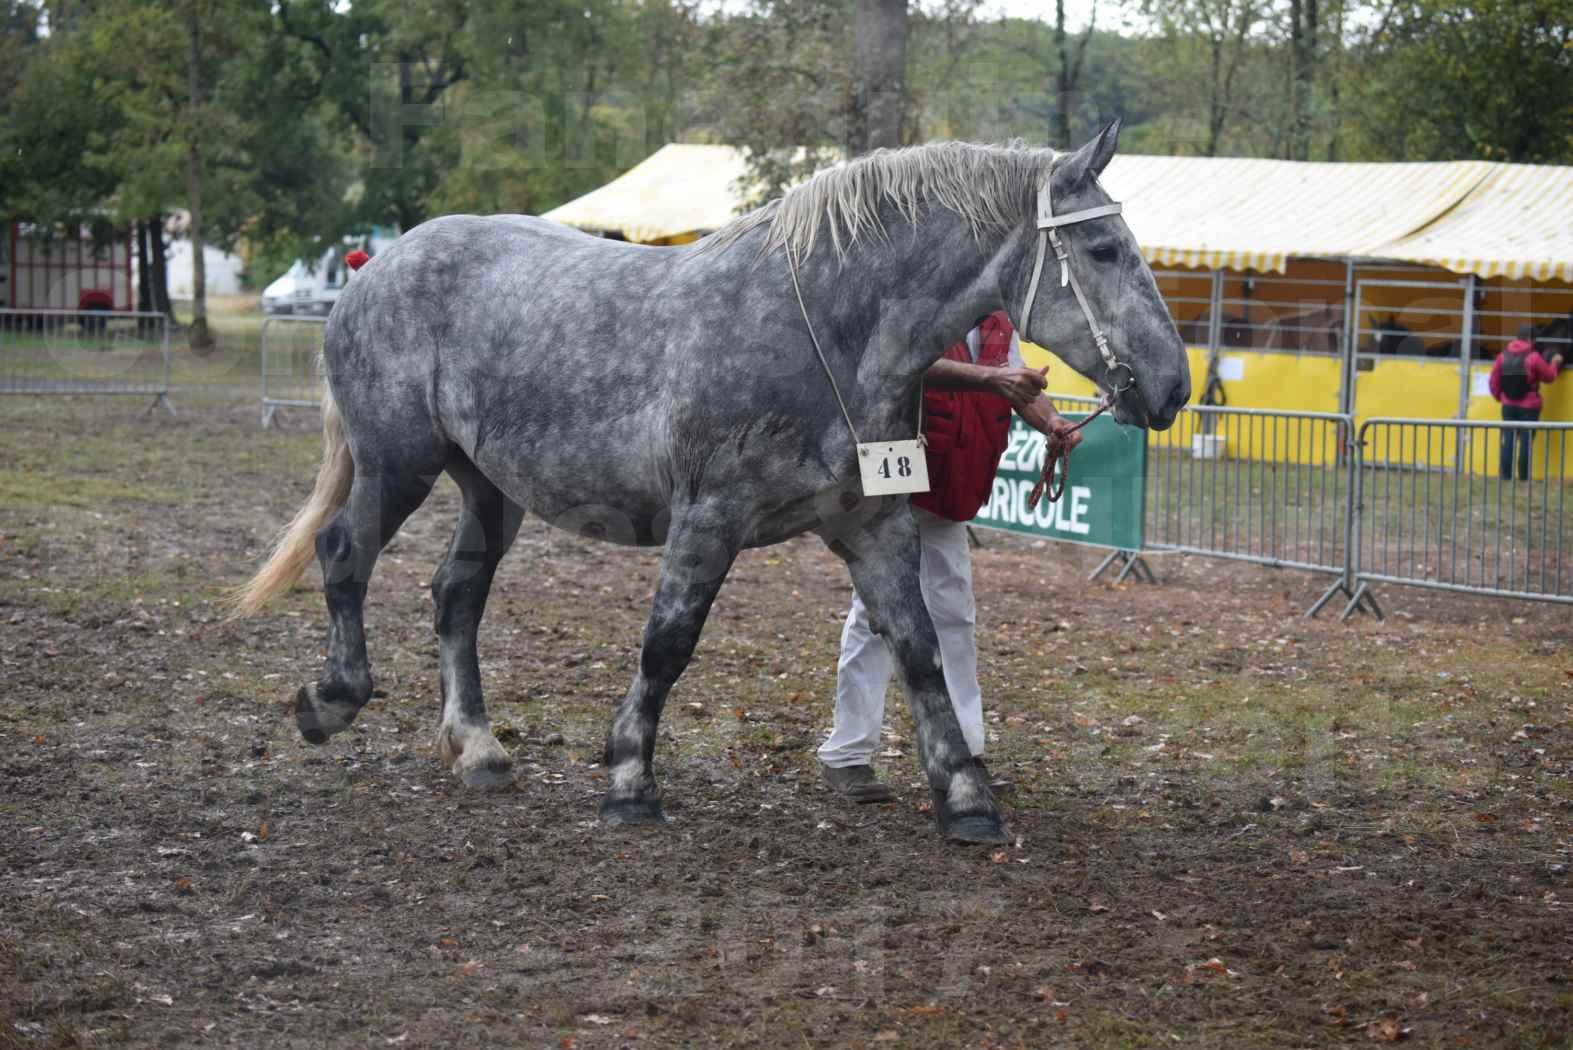 Concours Régional de chevaux de traits en 2017 - Pouliche Trait PERCHERON - ÉCAILLE DU RAMIER - 12